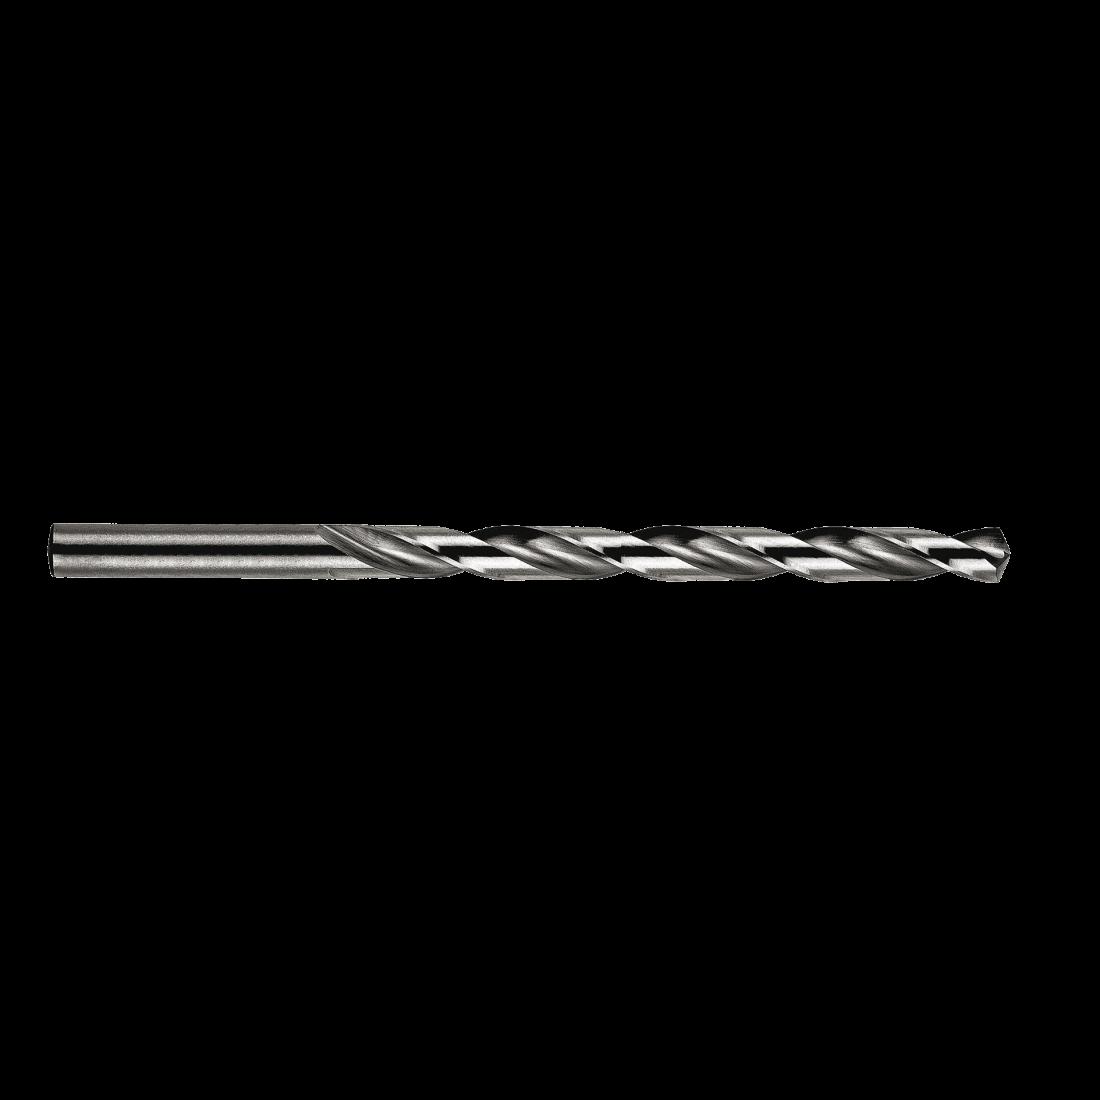 Сверлo по металлу Heller НSS-G Super DIN 340 сверхдлиннoе 6х91х139мм